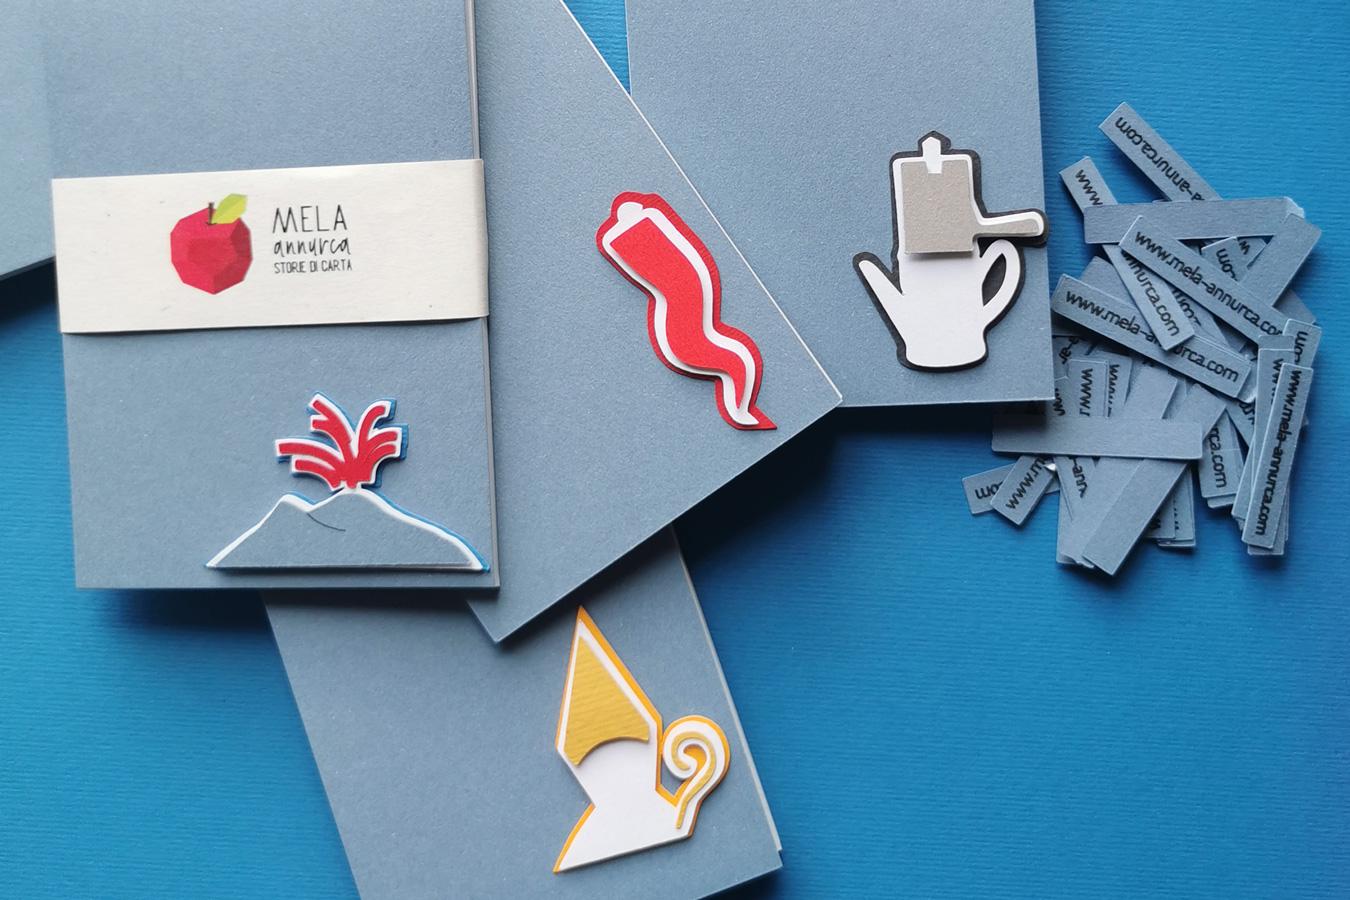 Mela Annurca - Storie di carta mini notes